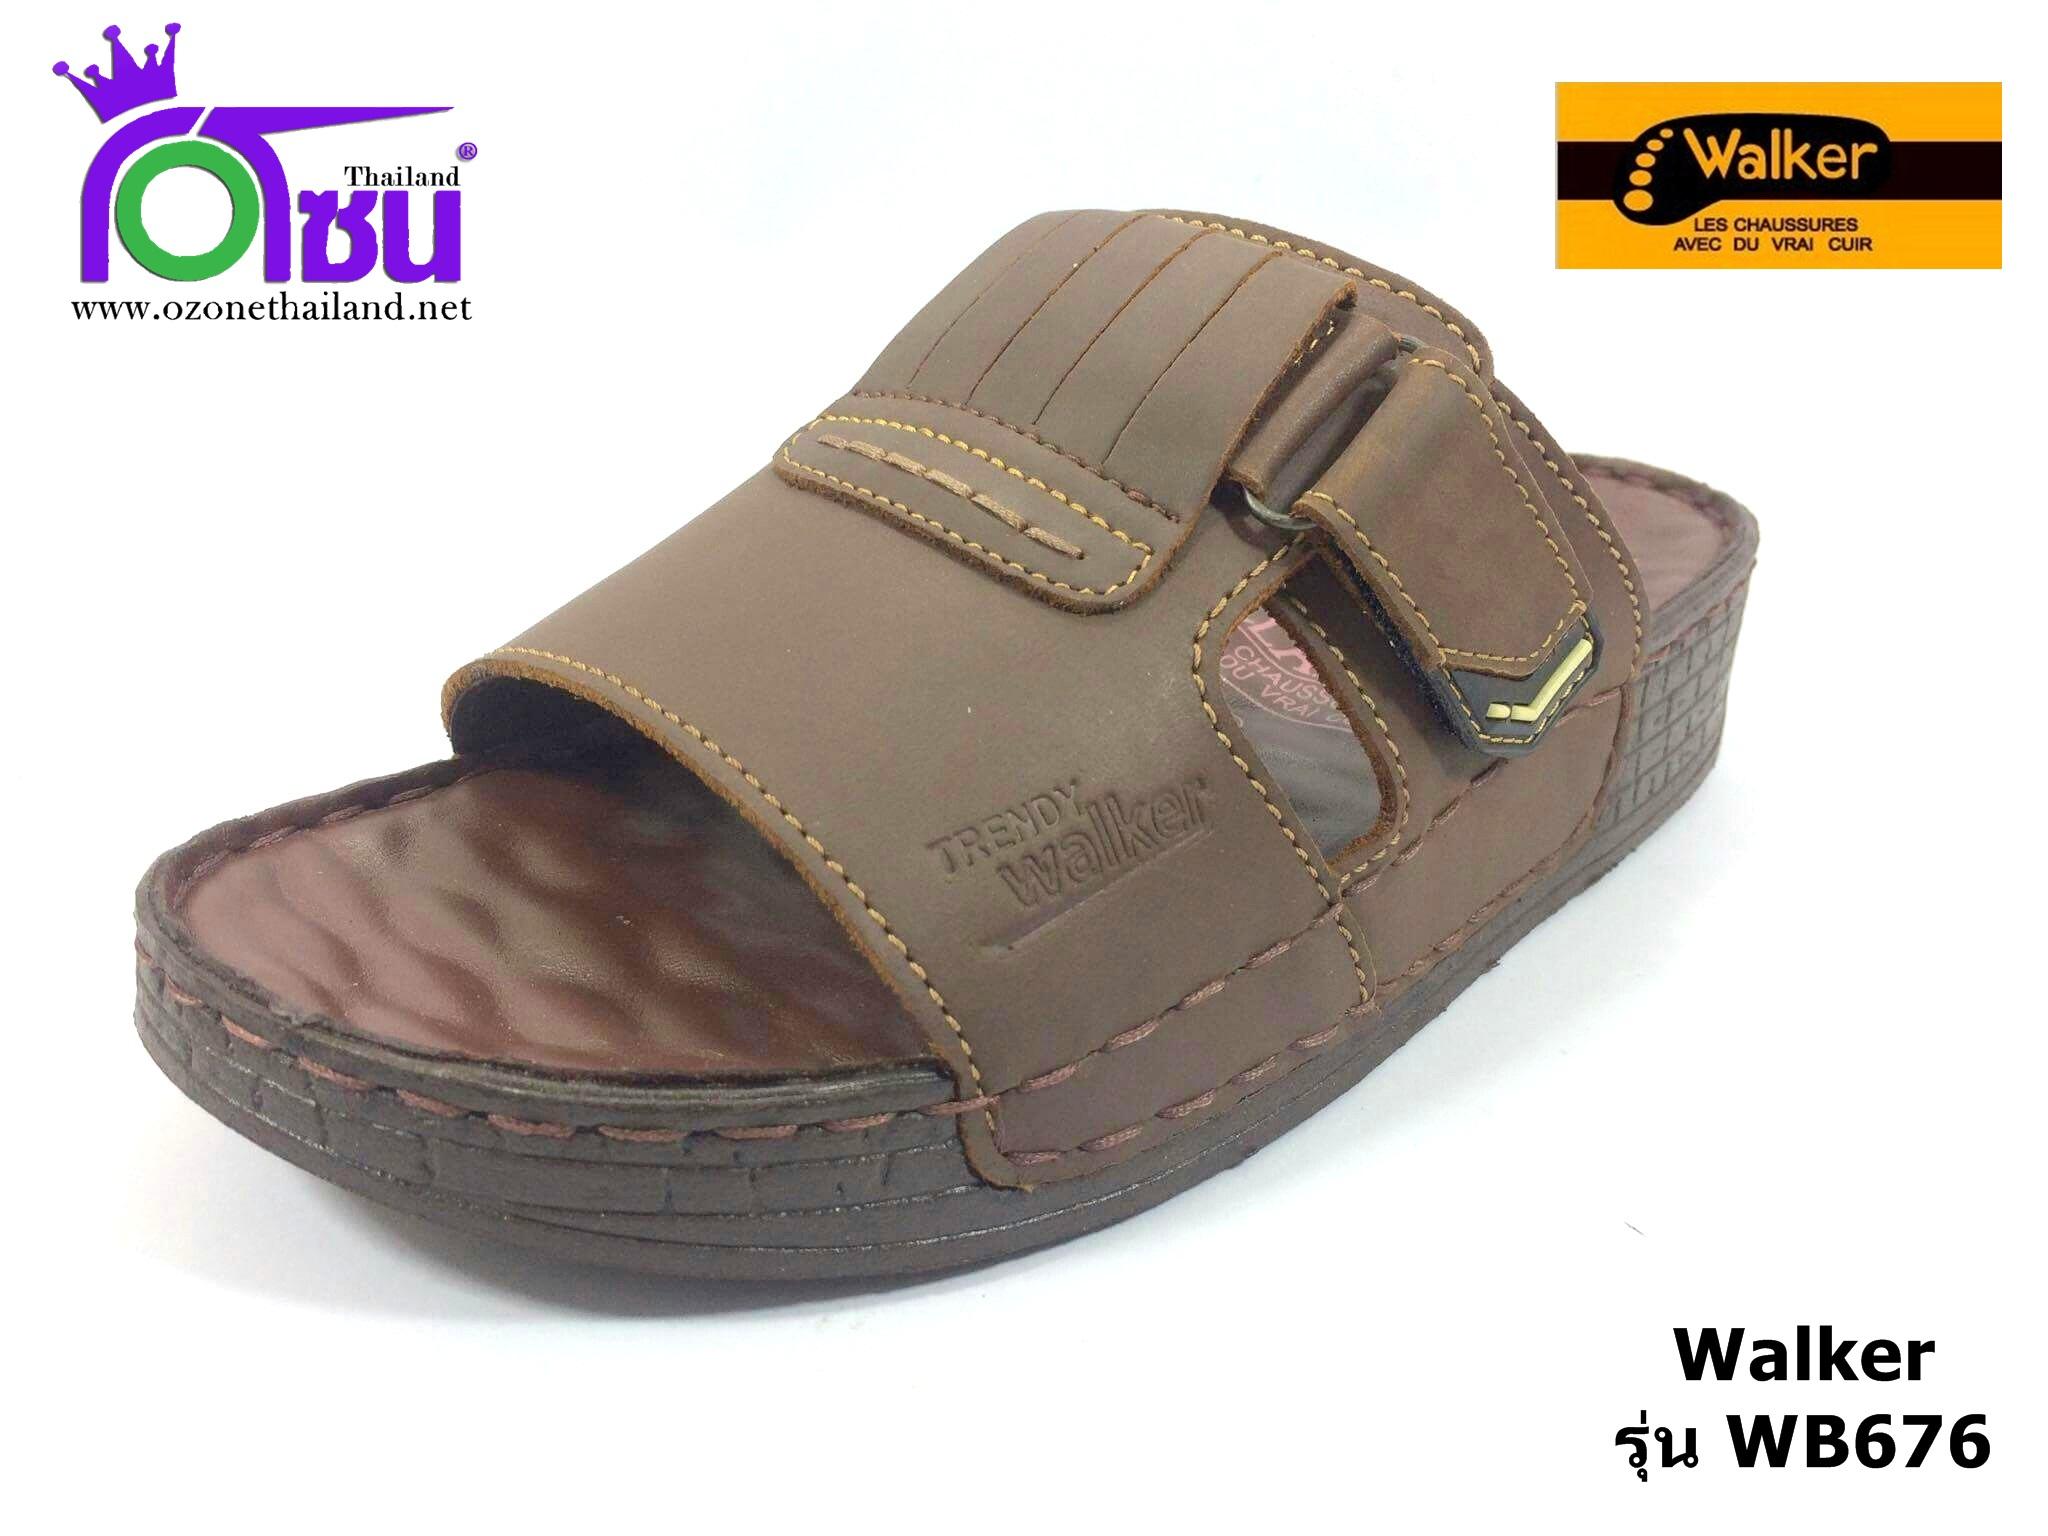 รองเท้า Walker วอคเกอร์ รุ่น WB676 สีน้ำตาล เบอร์ 40-45